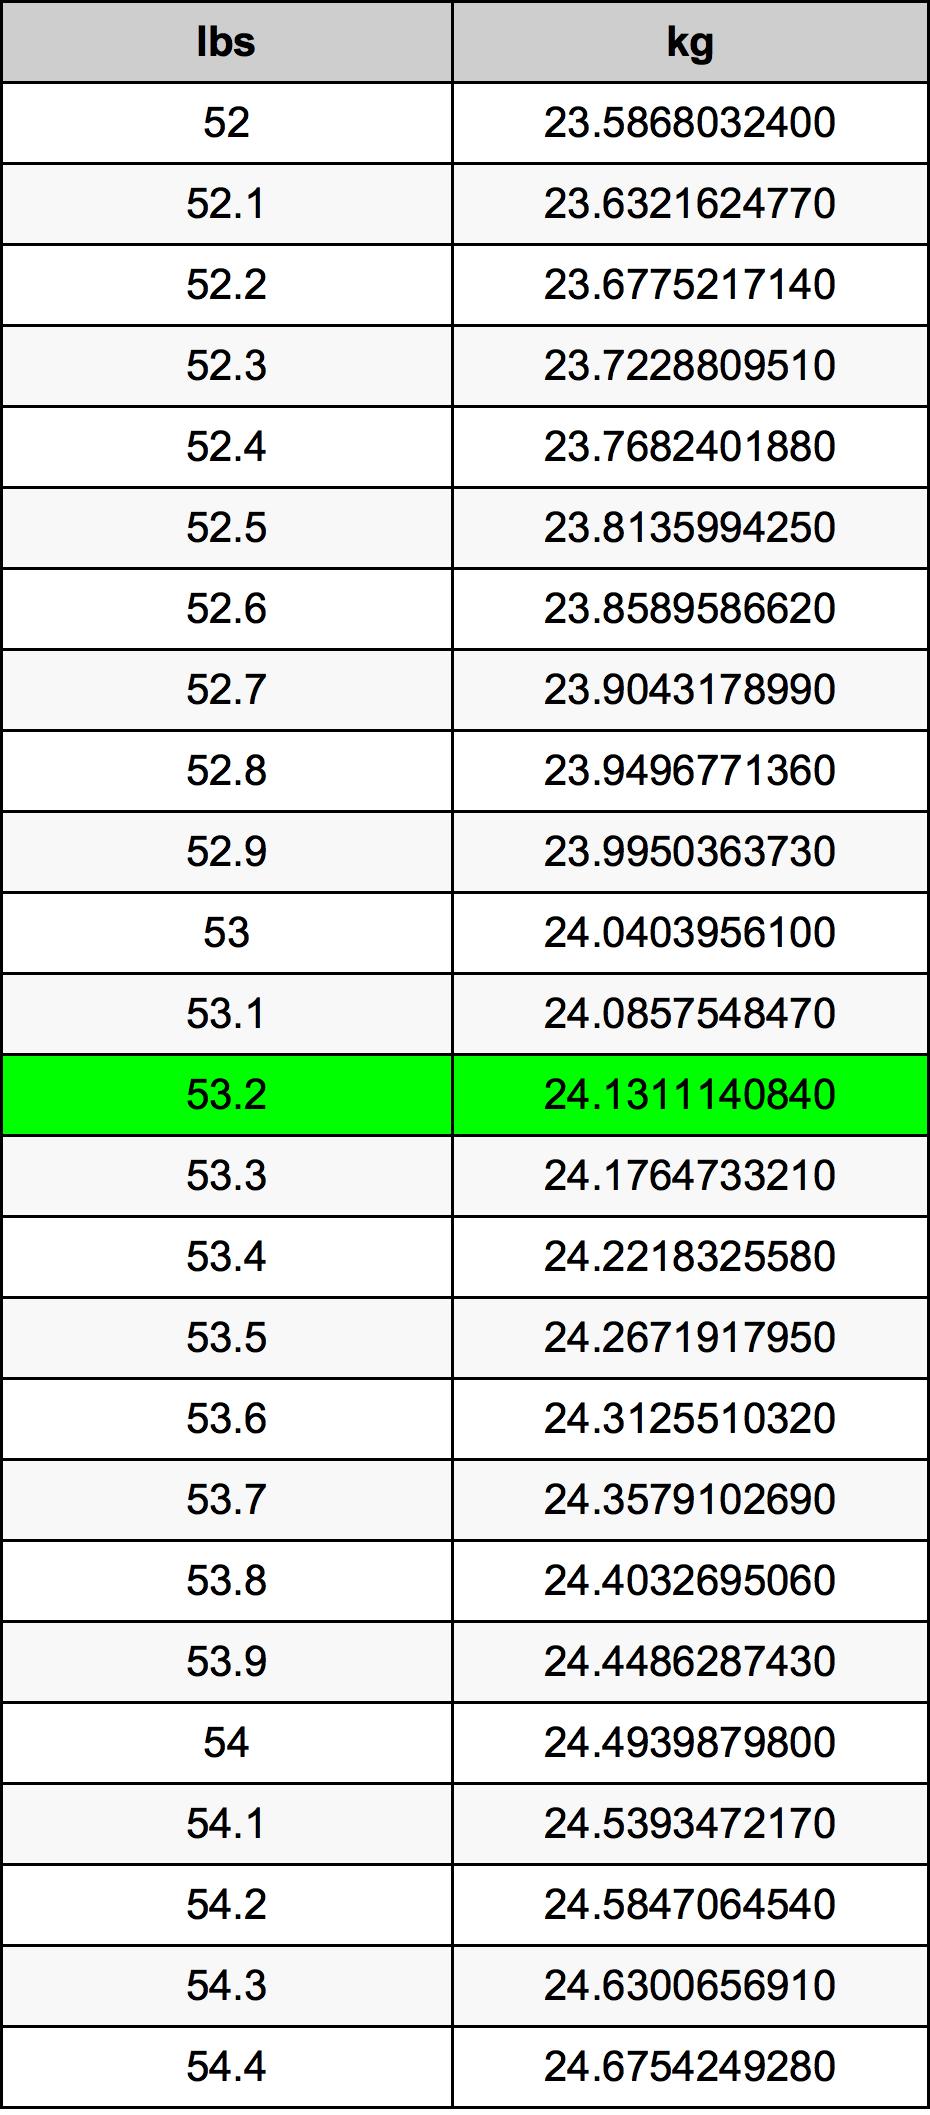 53.2 رطل جدول تحويل